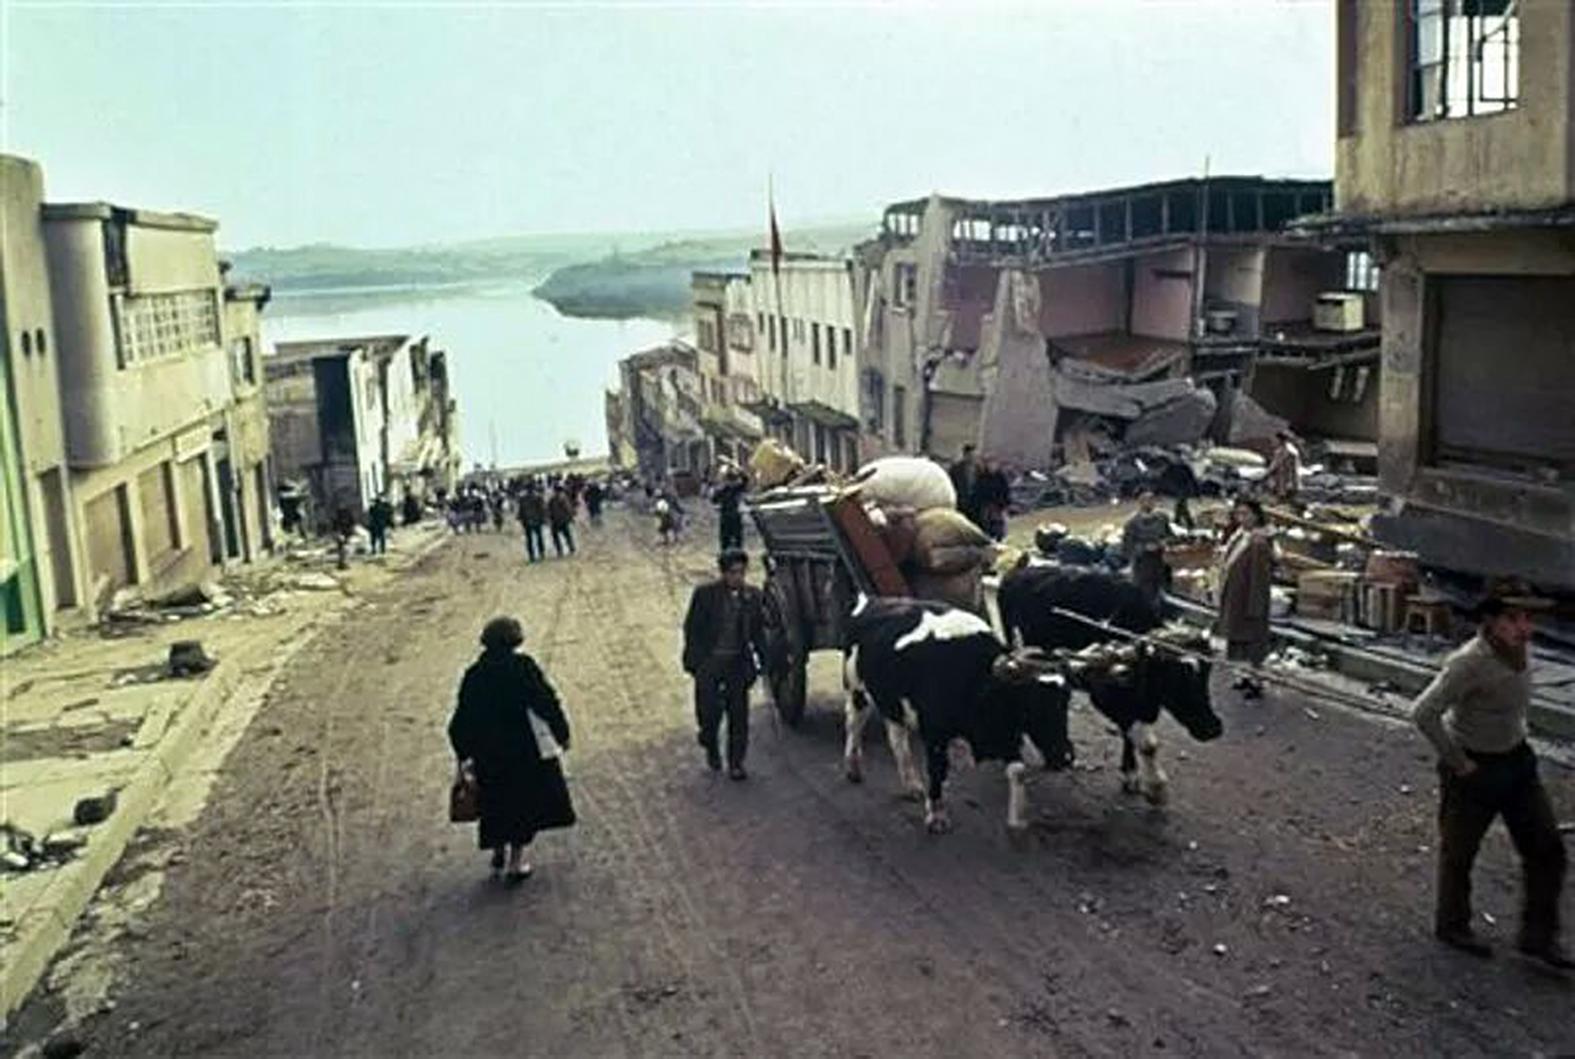 Enterreno - Fotos históricas de chile - fotos antiguas de Chile - Calle Blanco en Castro en 1960